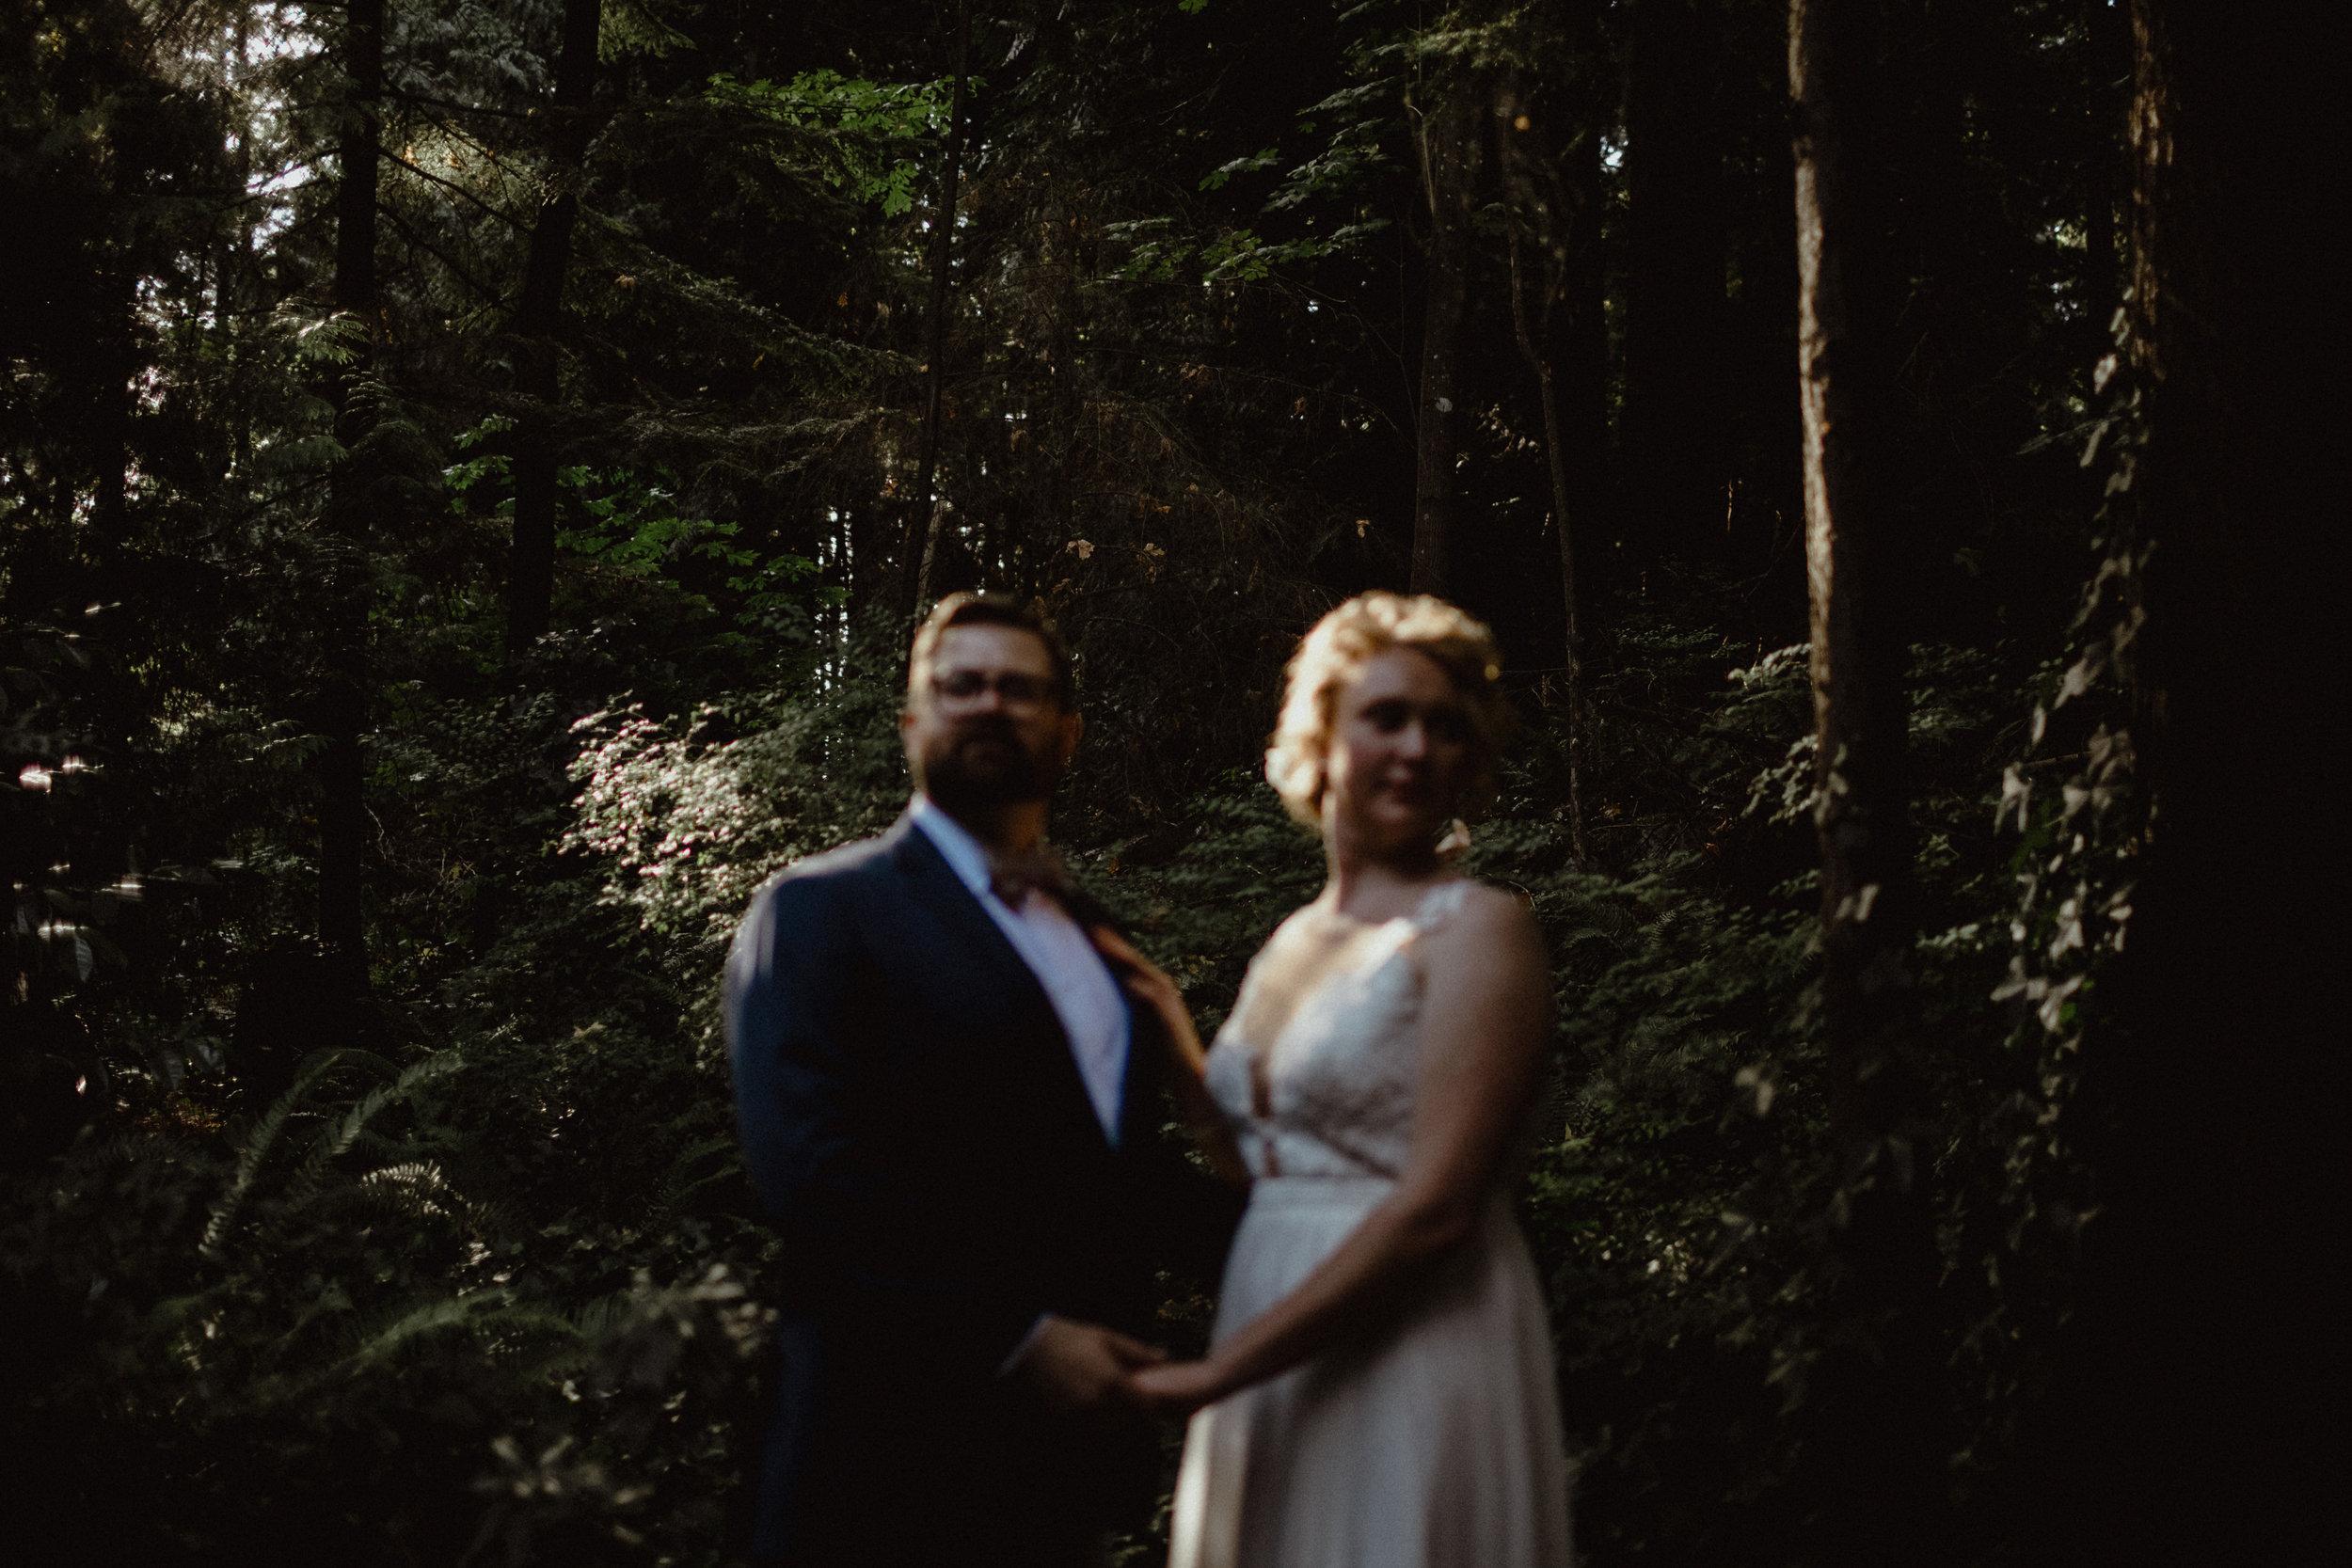 west-vancouver-backyard-wedding-193.jpg